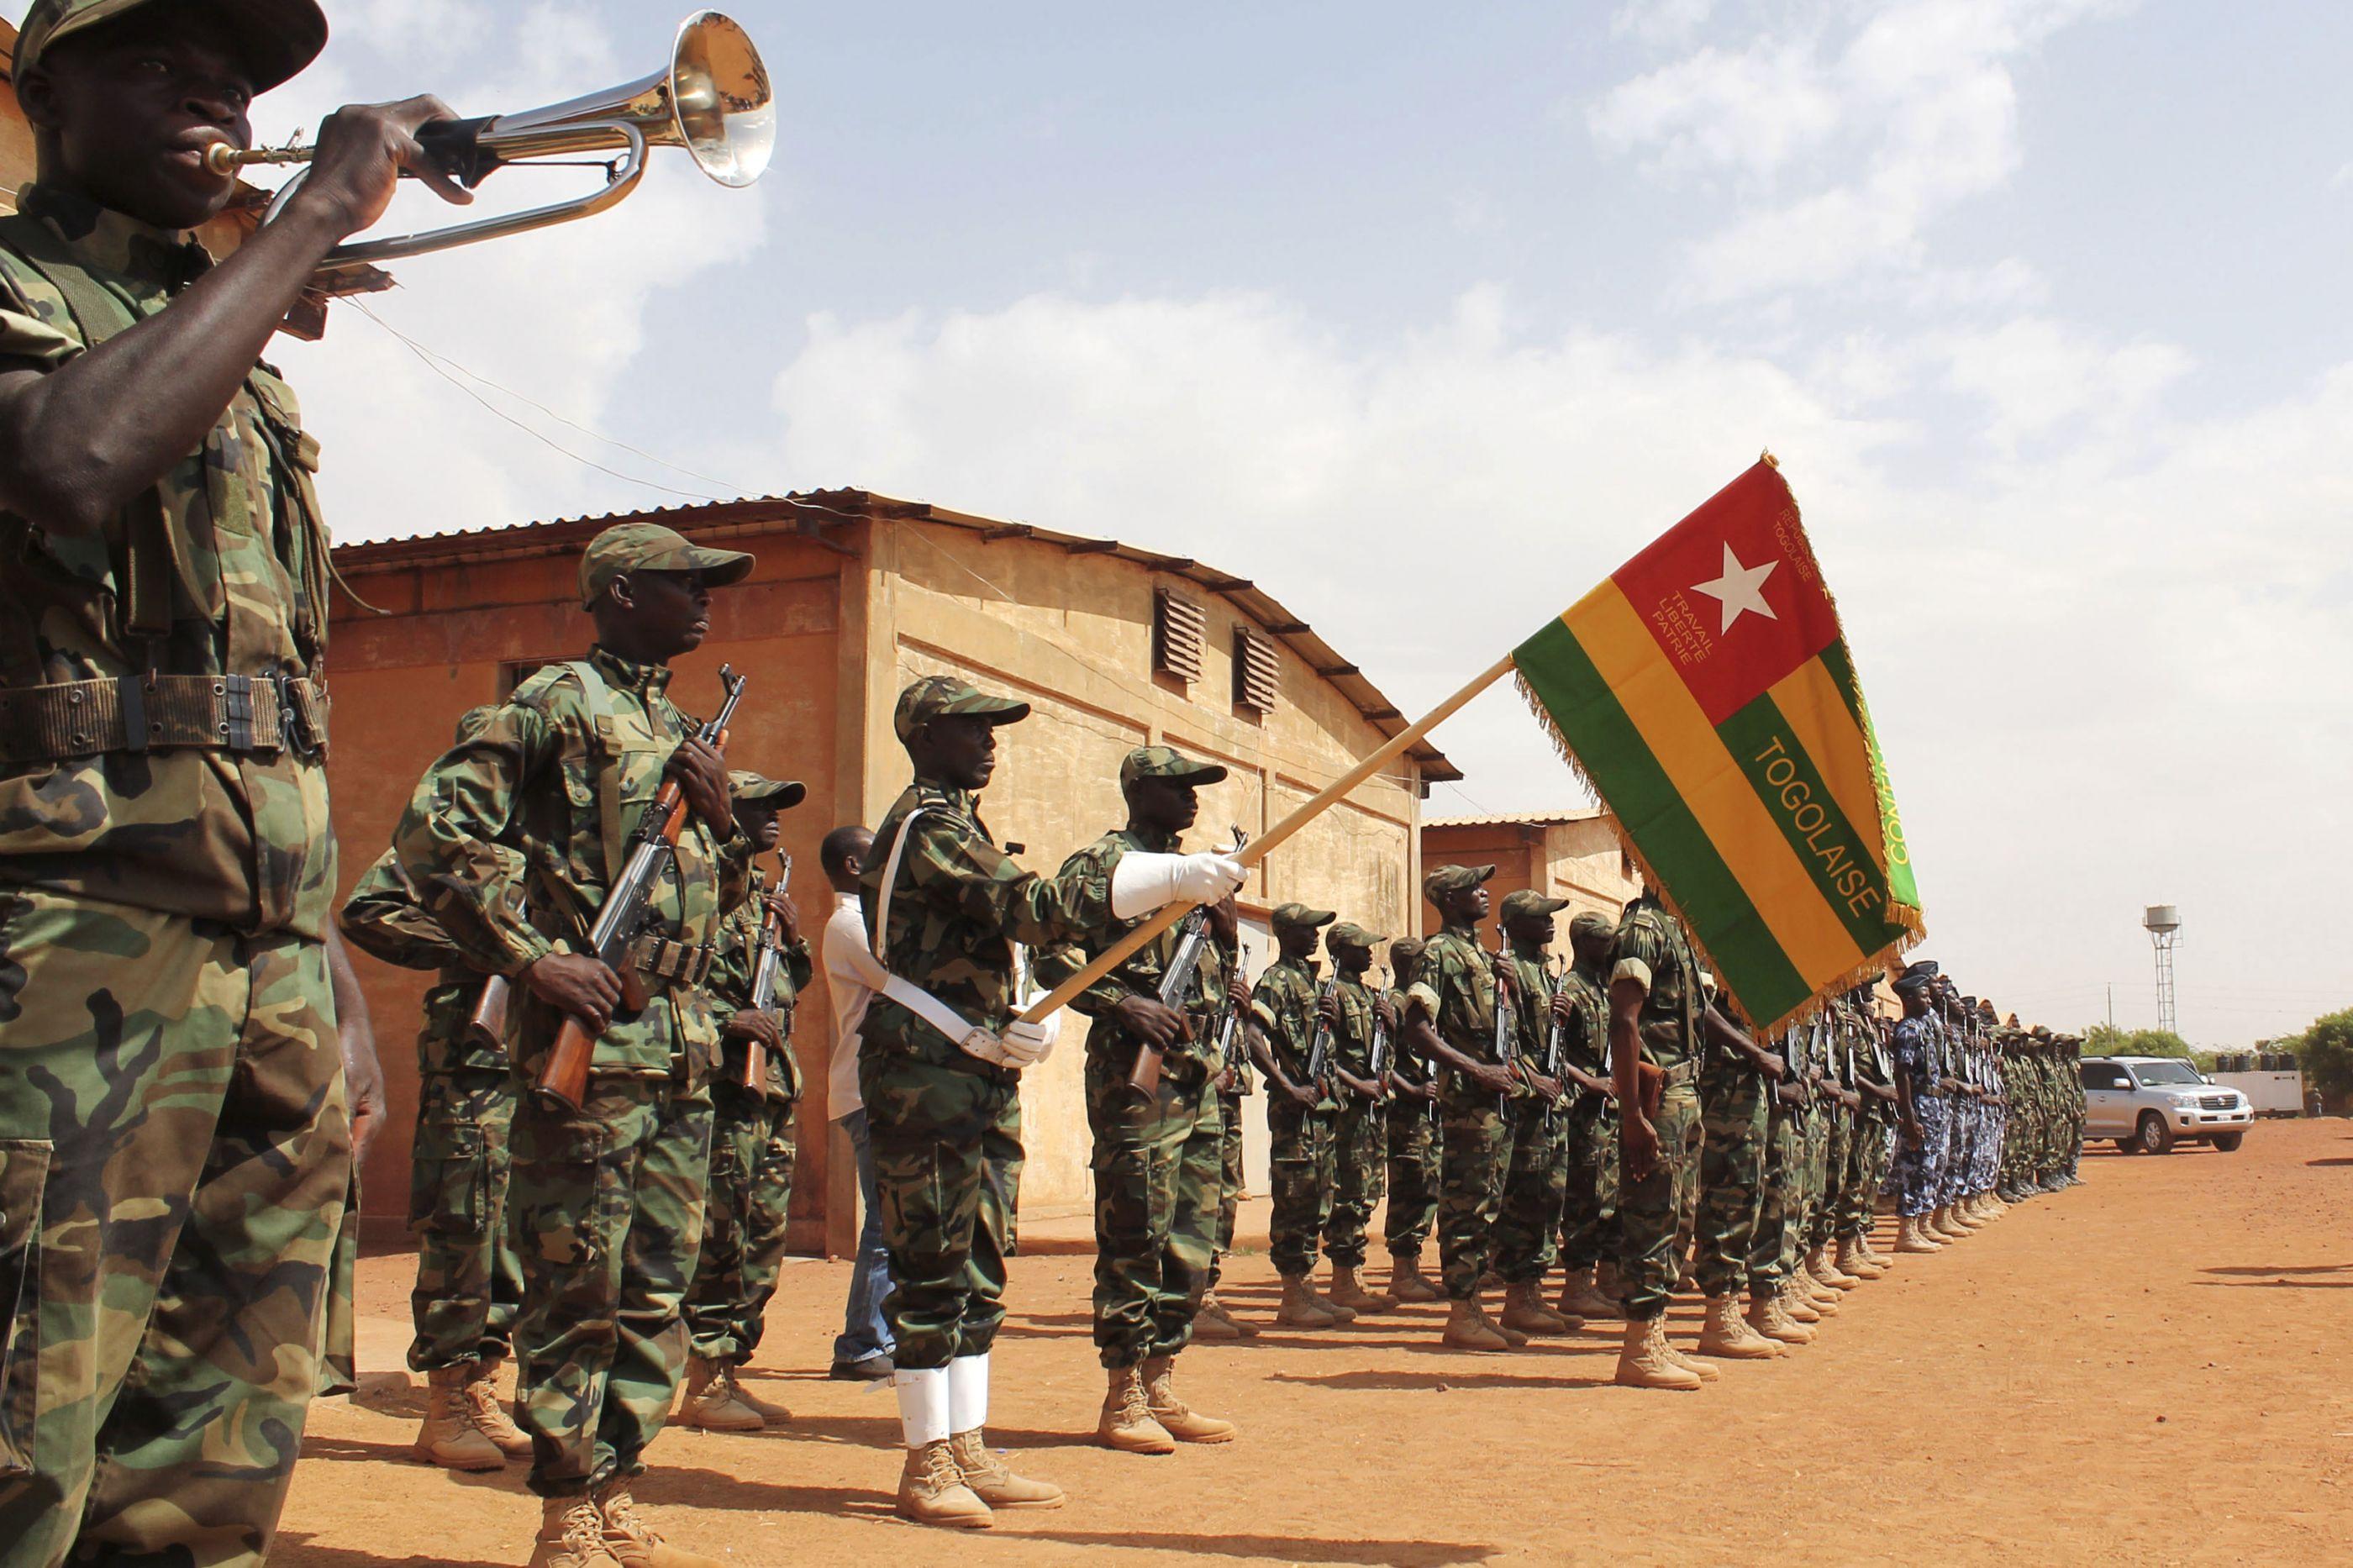 Ataque a base militar no Mali fez 21 mortos